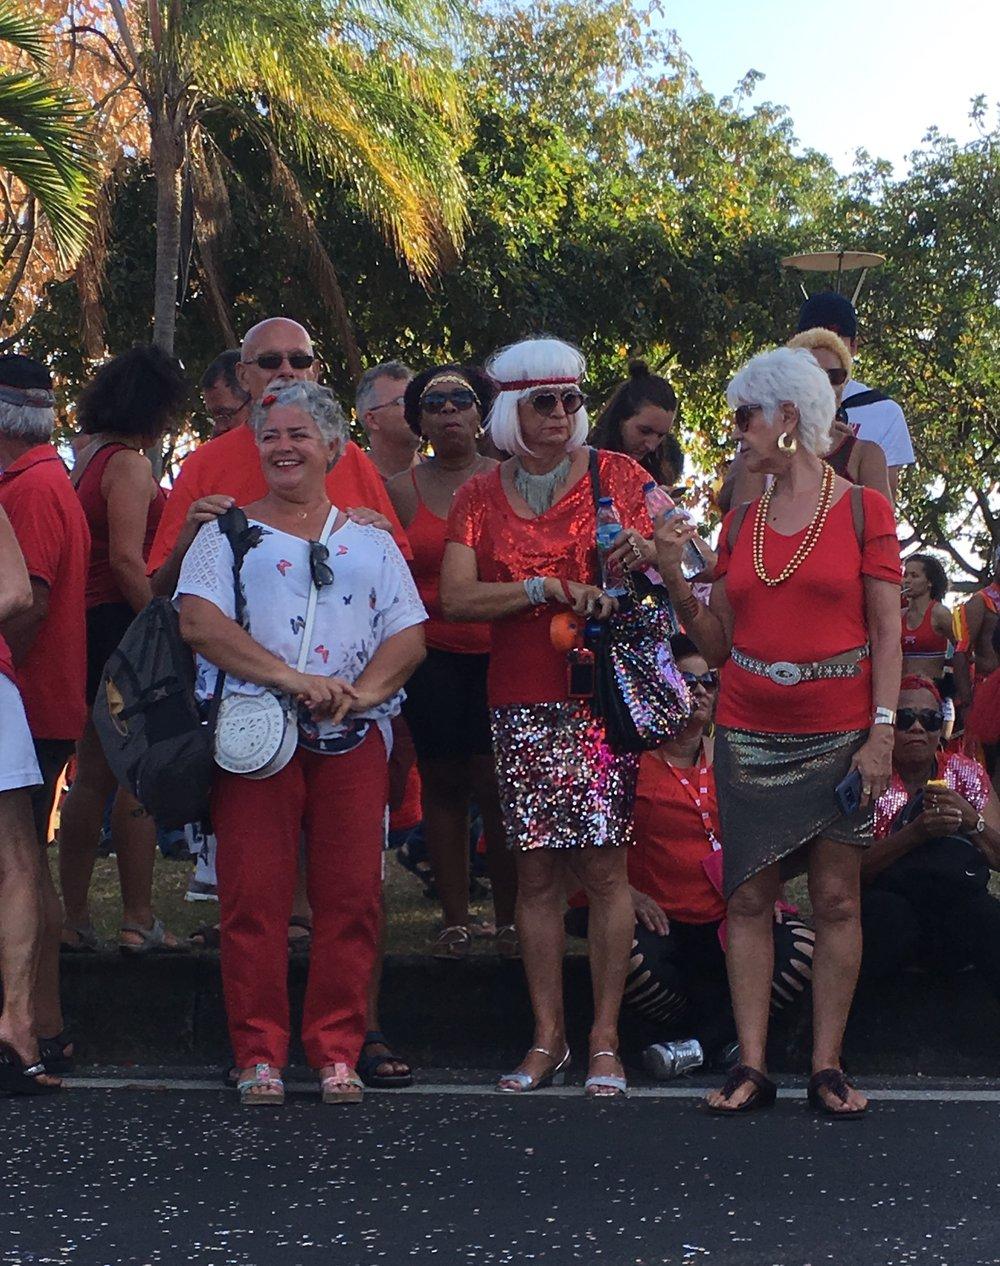 carnaval-spectators-martinique.jpg